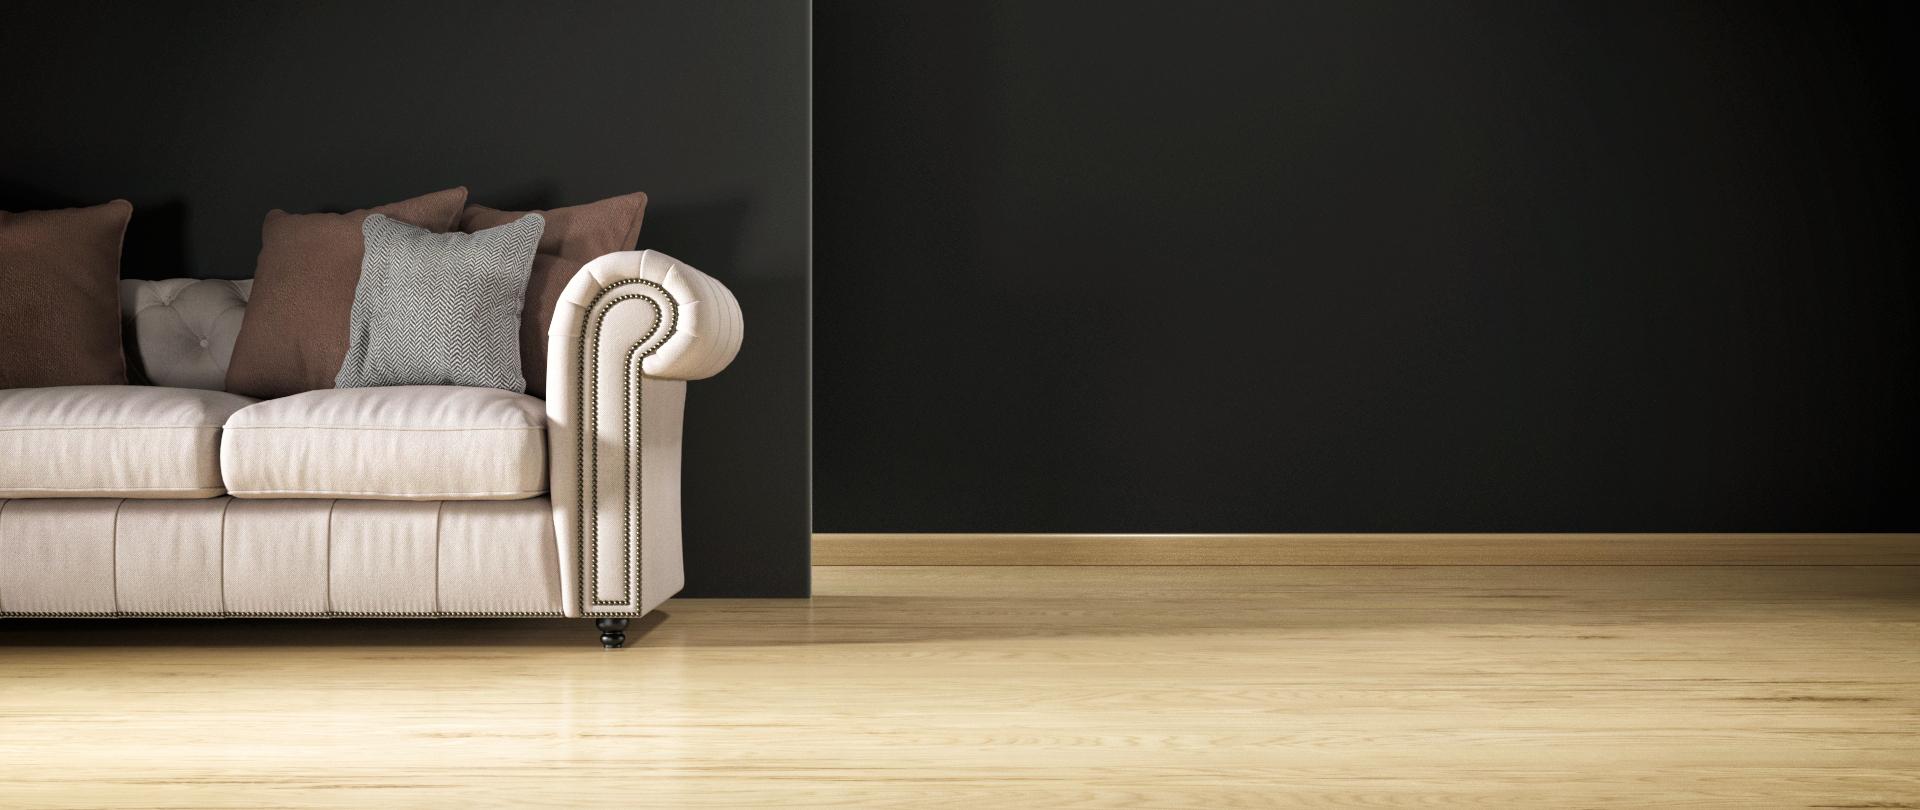 Imagen de cabecera. Aparece un sofá clásico sobre suelo de tarima de madera clara delante de tabiquería negra.